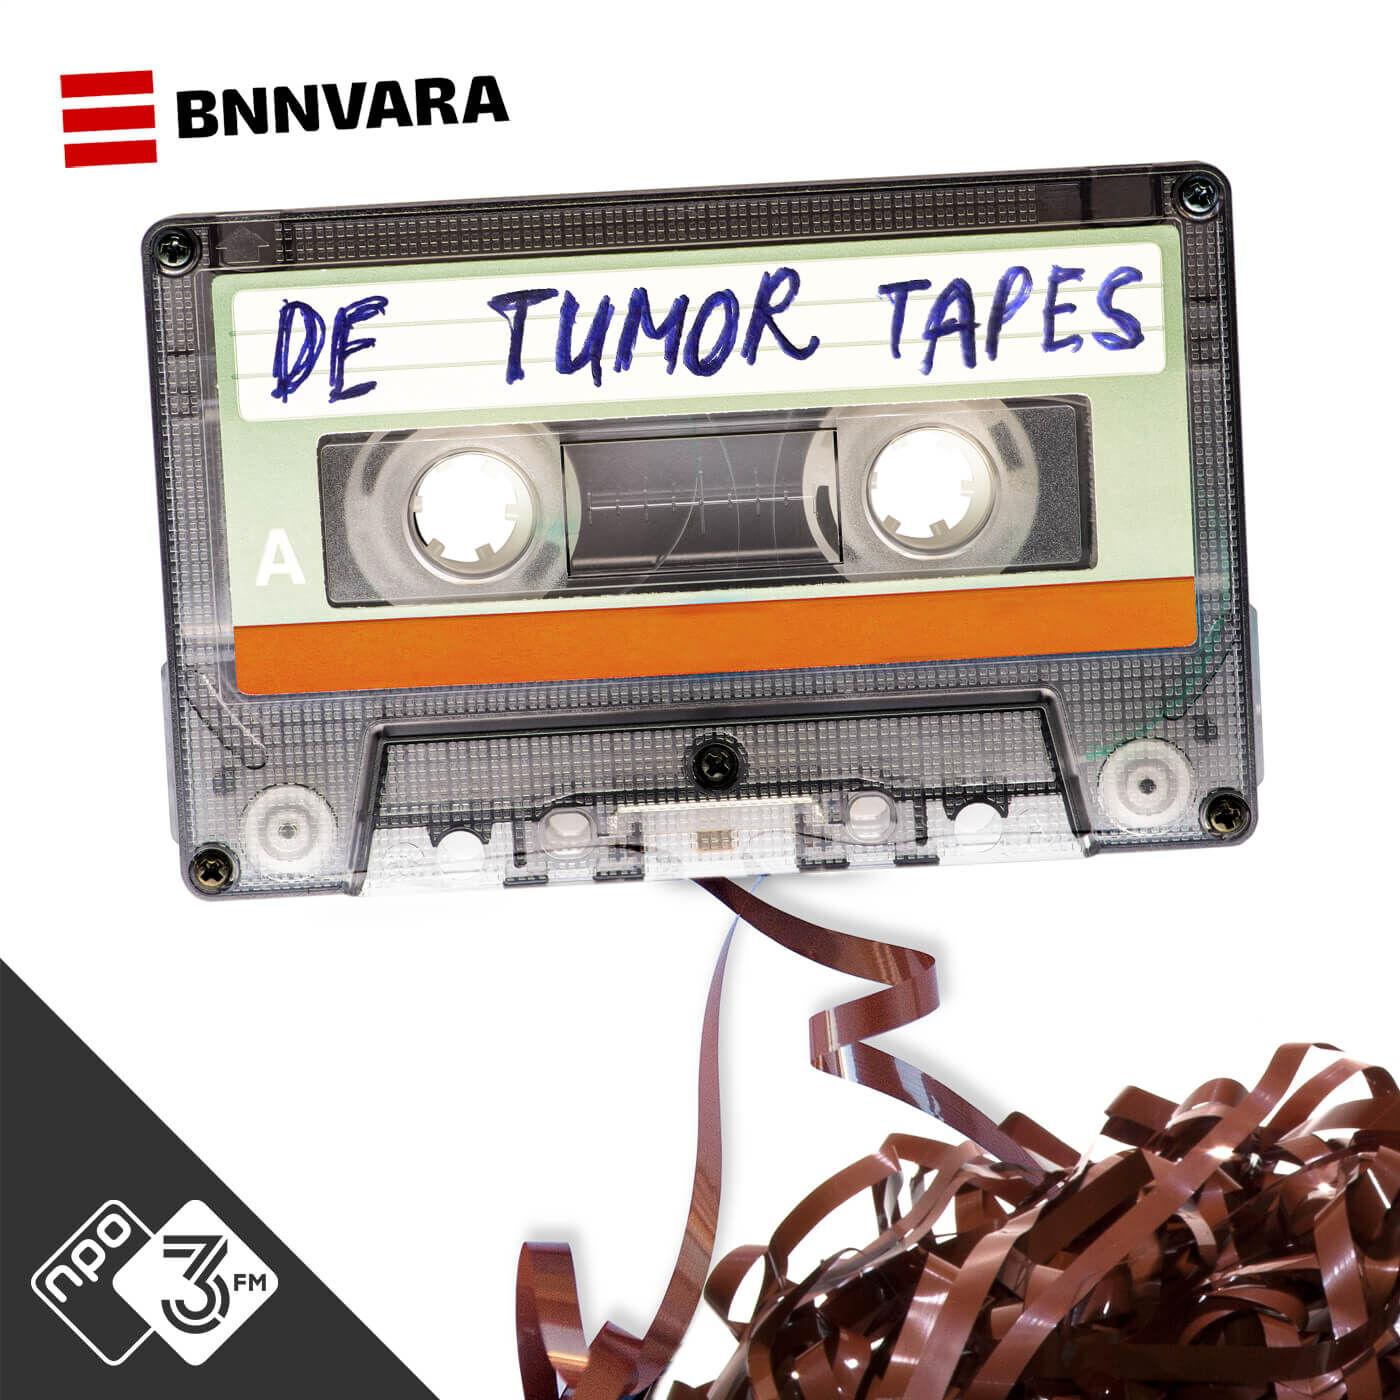 De Tumor Tapes logo